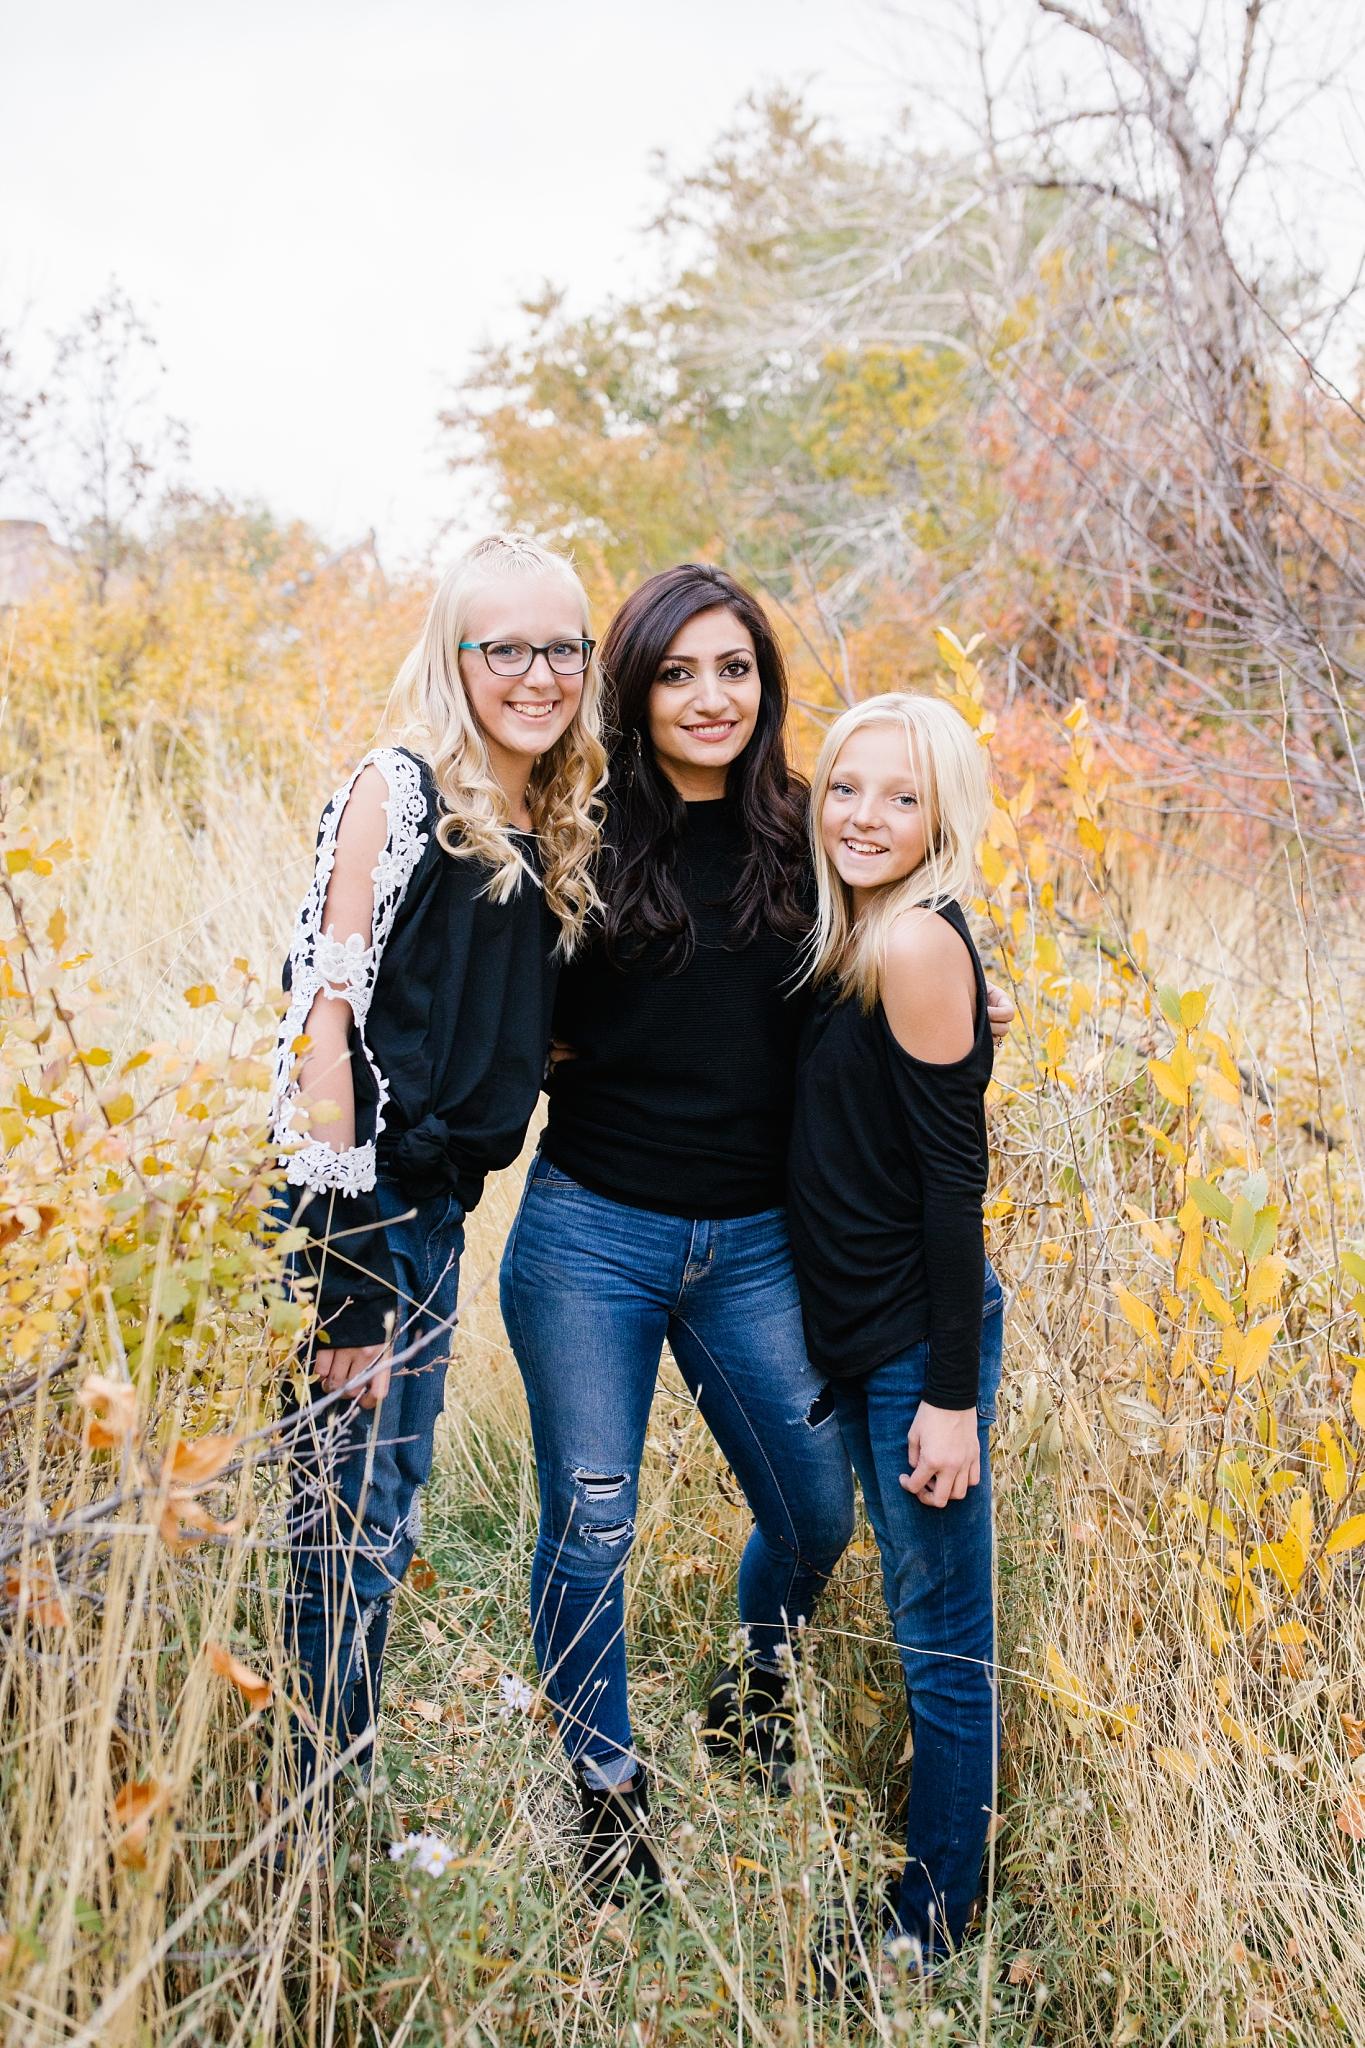 Tischner-96_Lizzie-B-Imagery-Utah-Family-Photographer-Park-City-Salt-Lake-City-Nephi-Utah.jpg